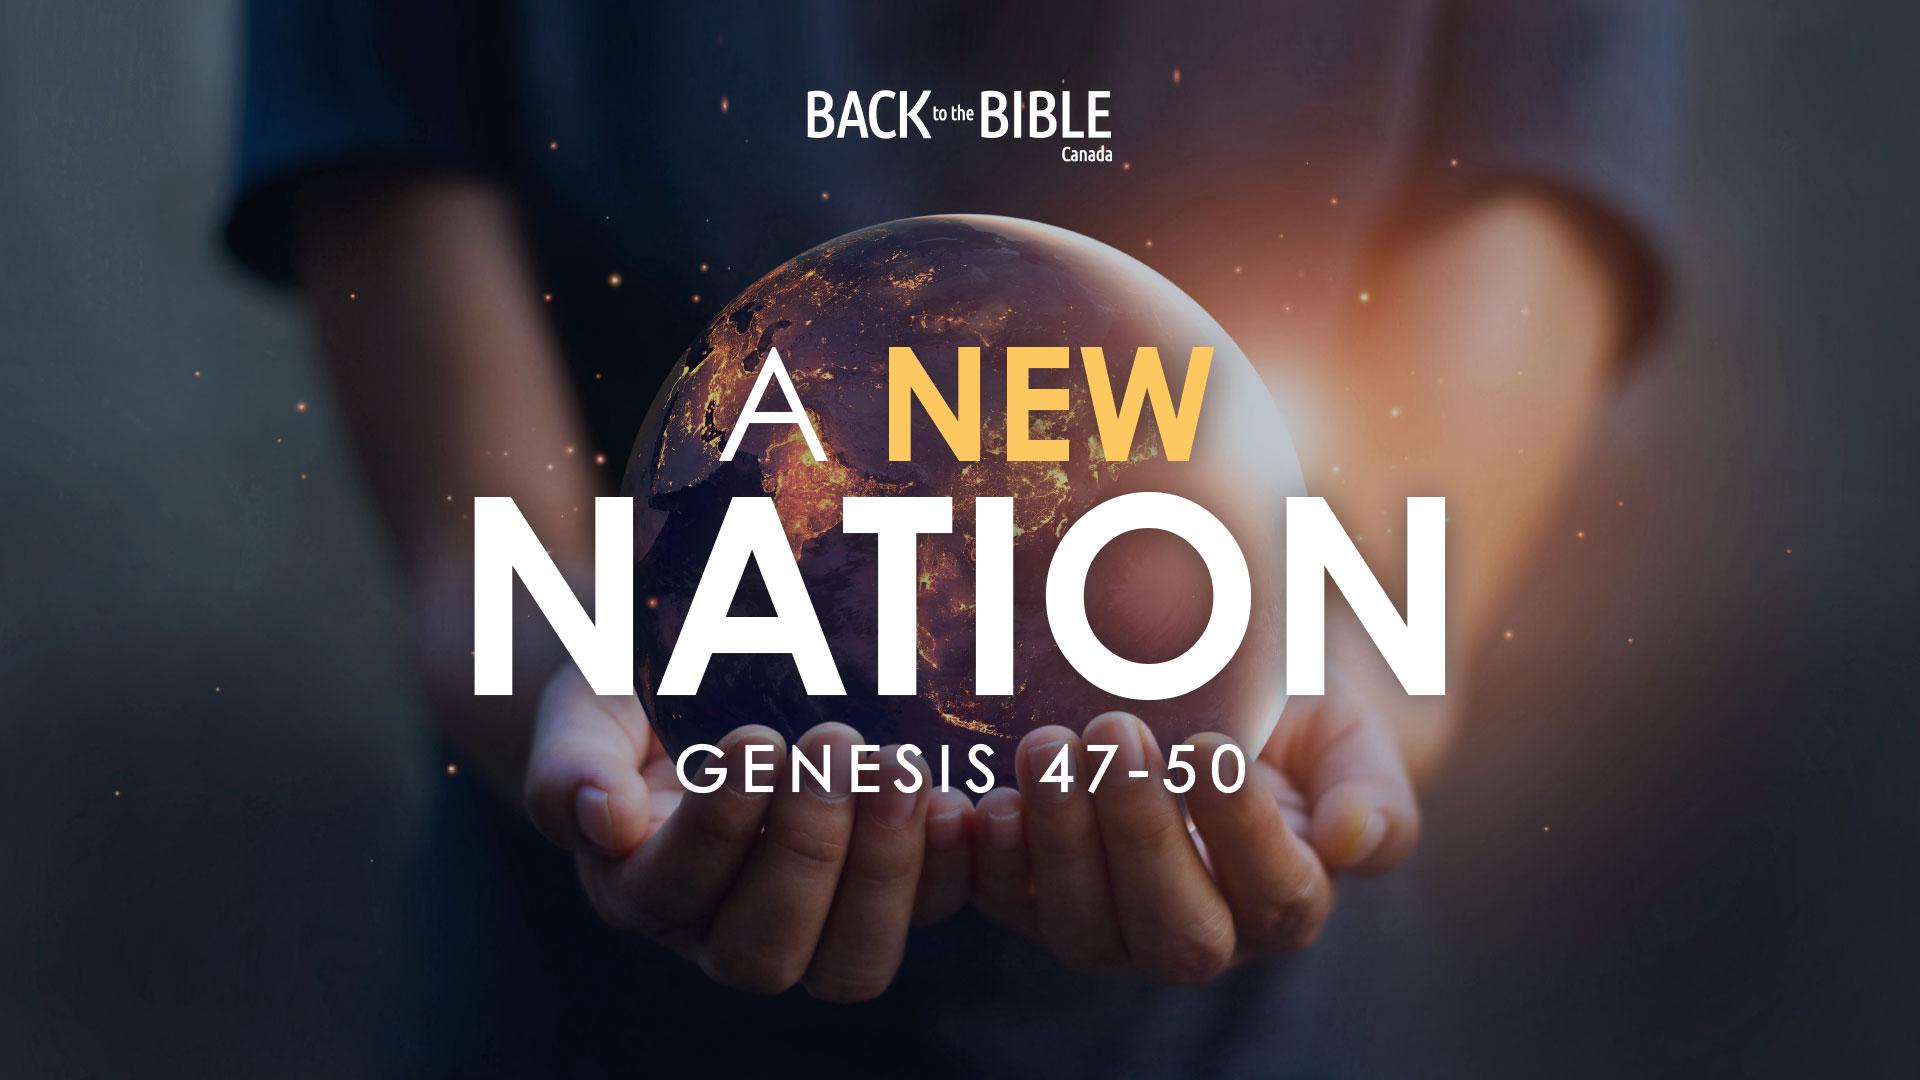 Genesis: He Made Me Human